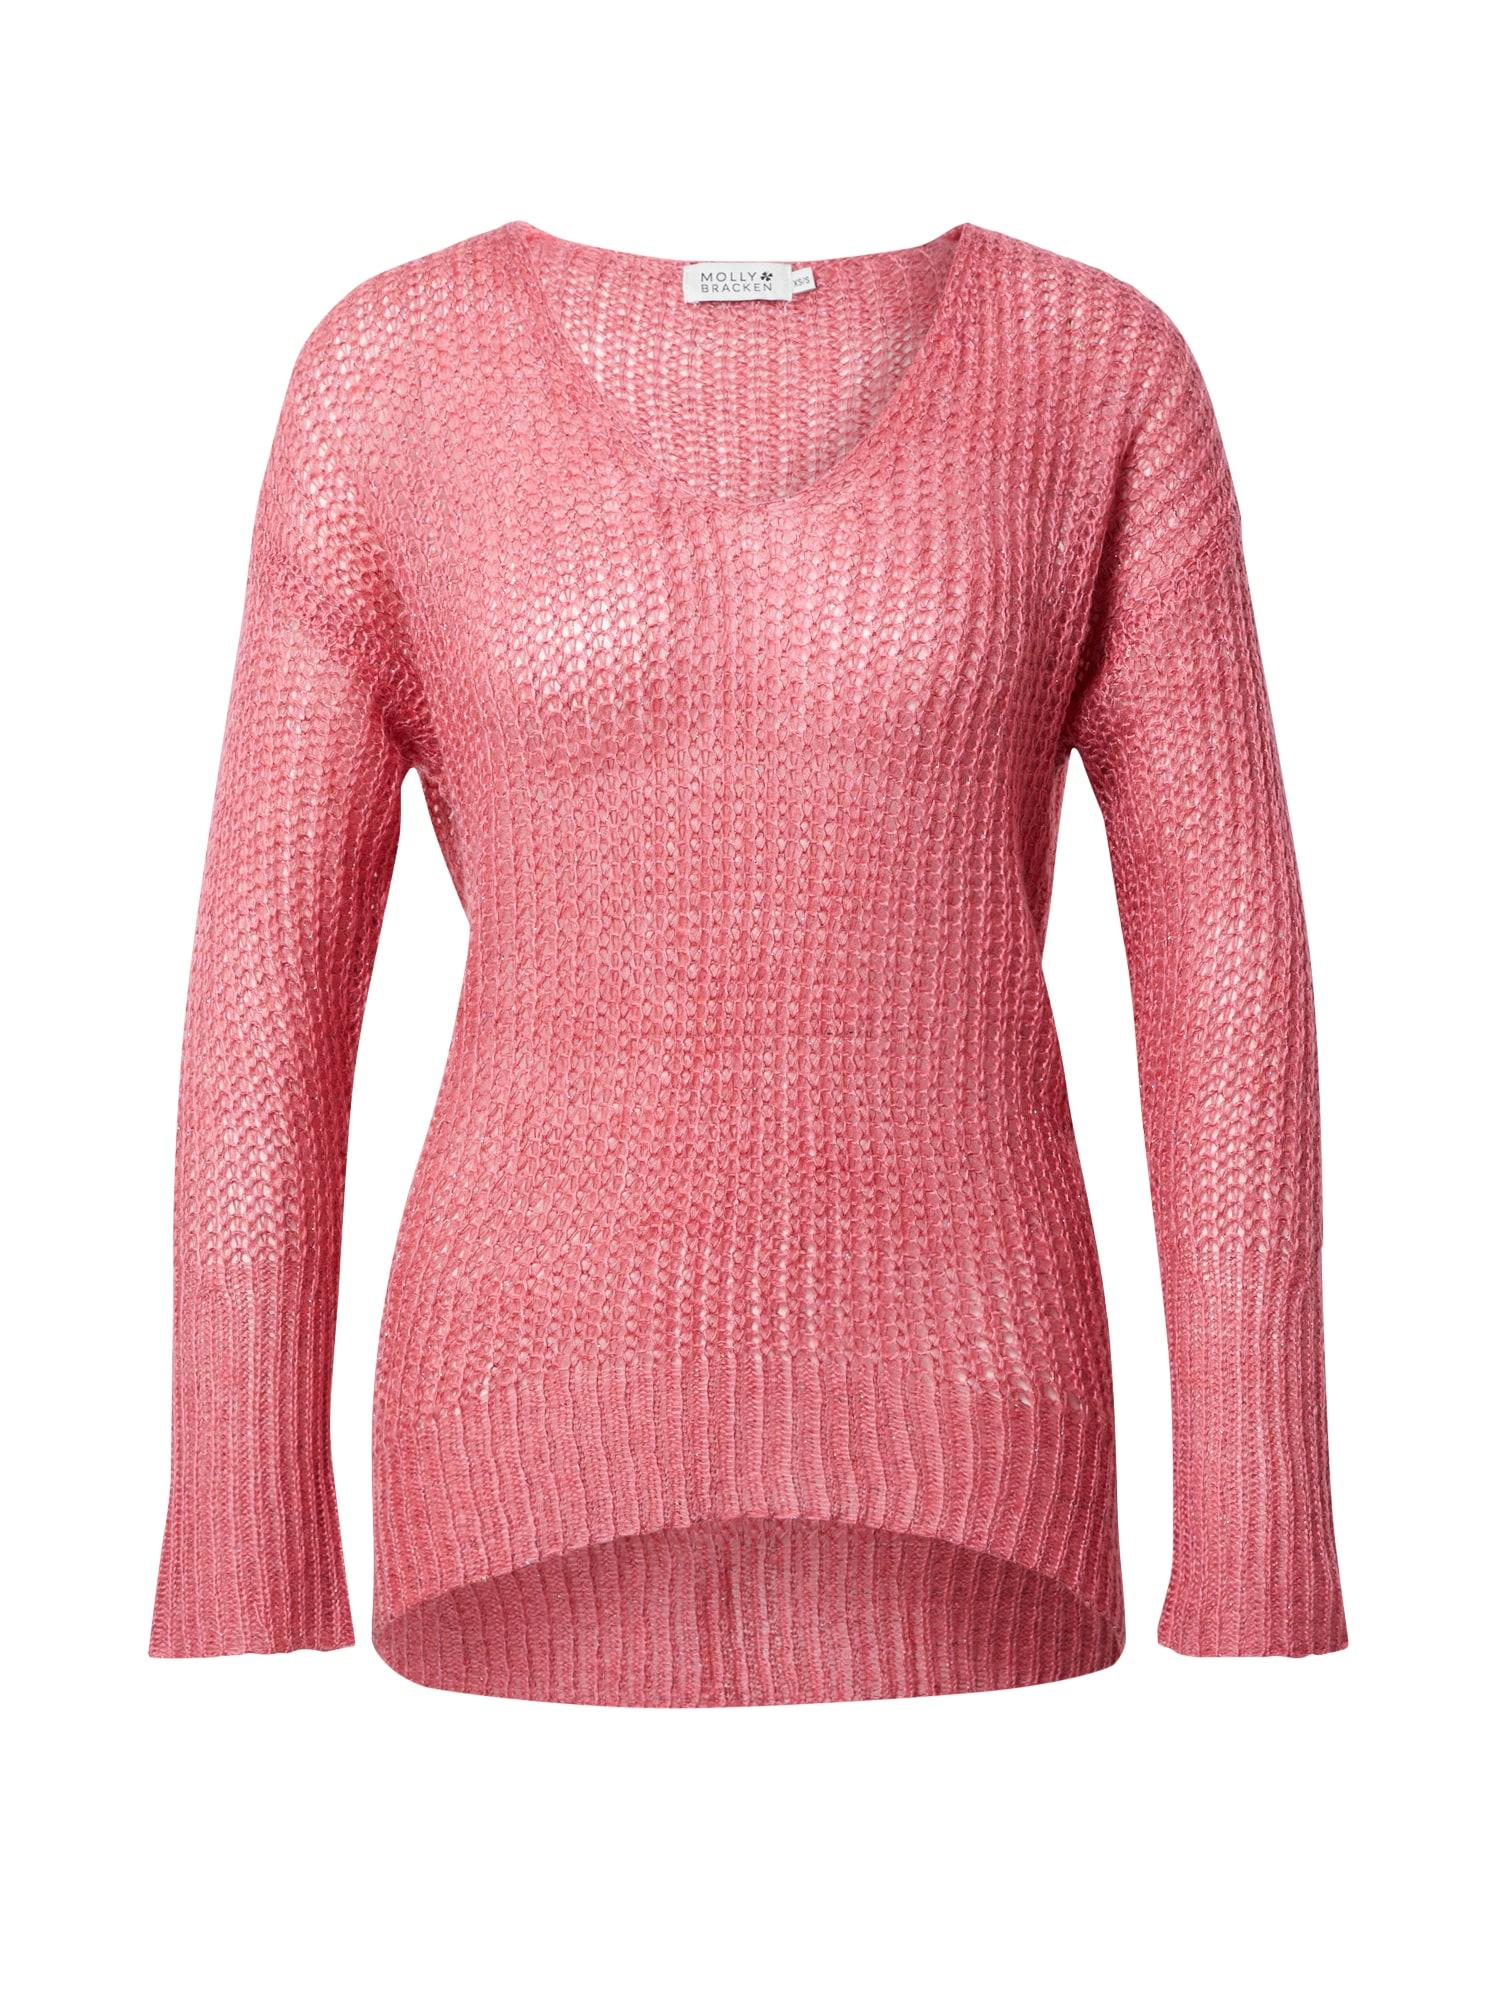 Molly BRACKEN Megztinis pitajų spalva